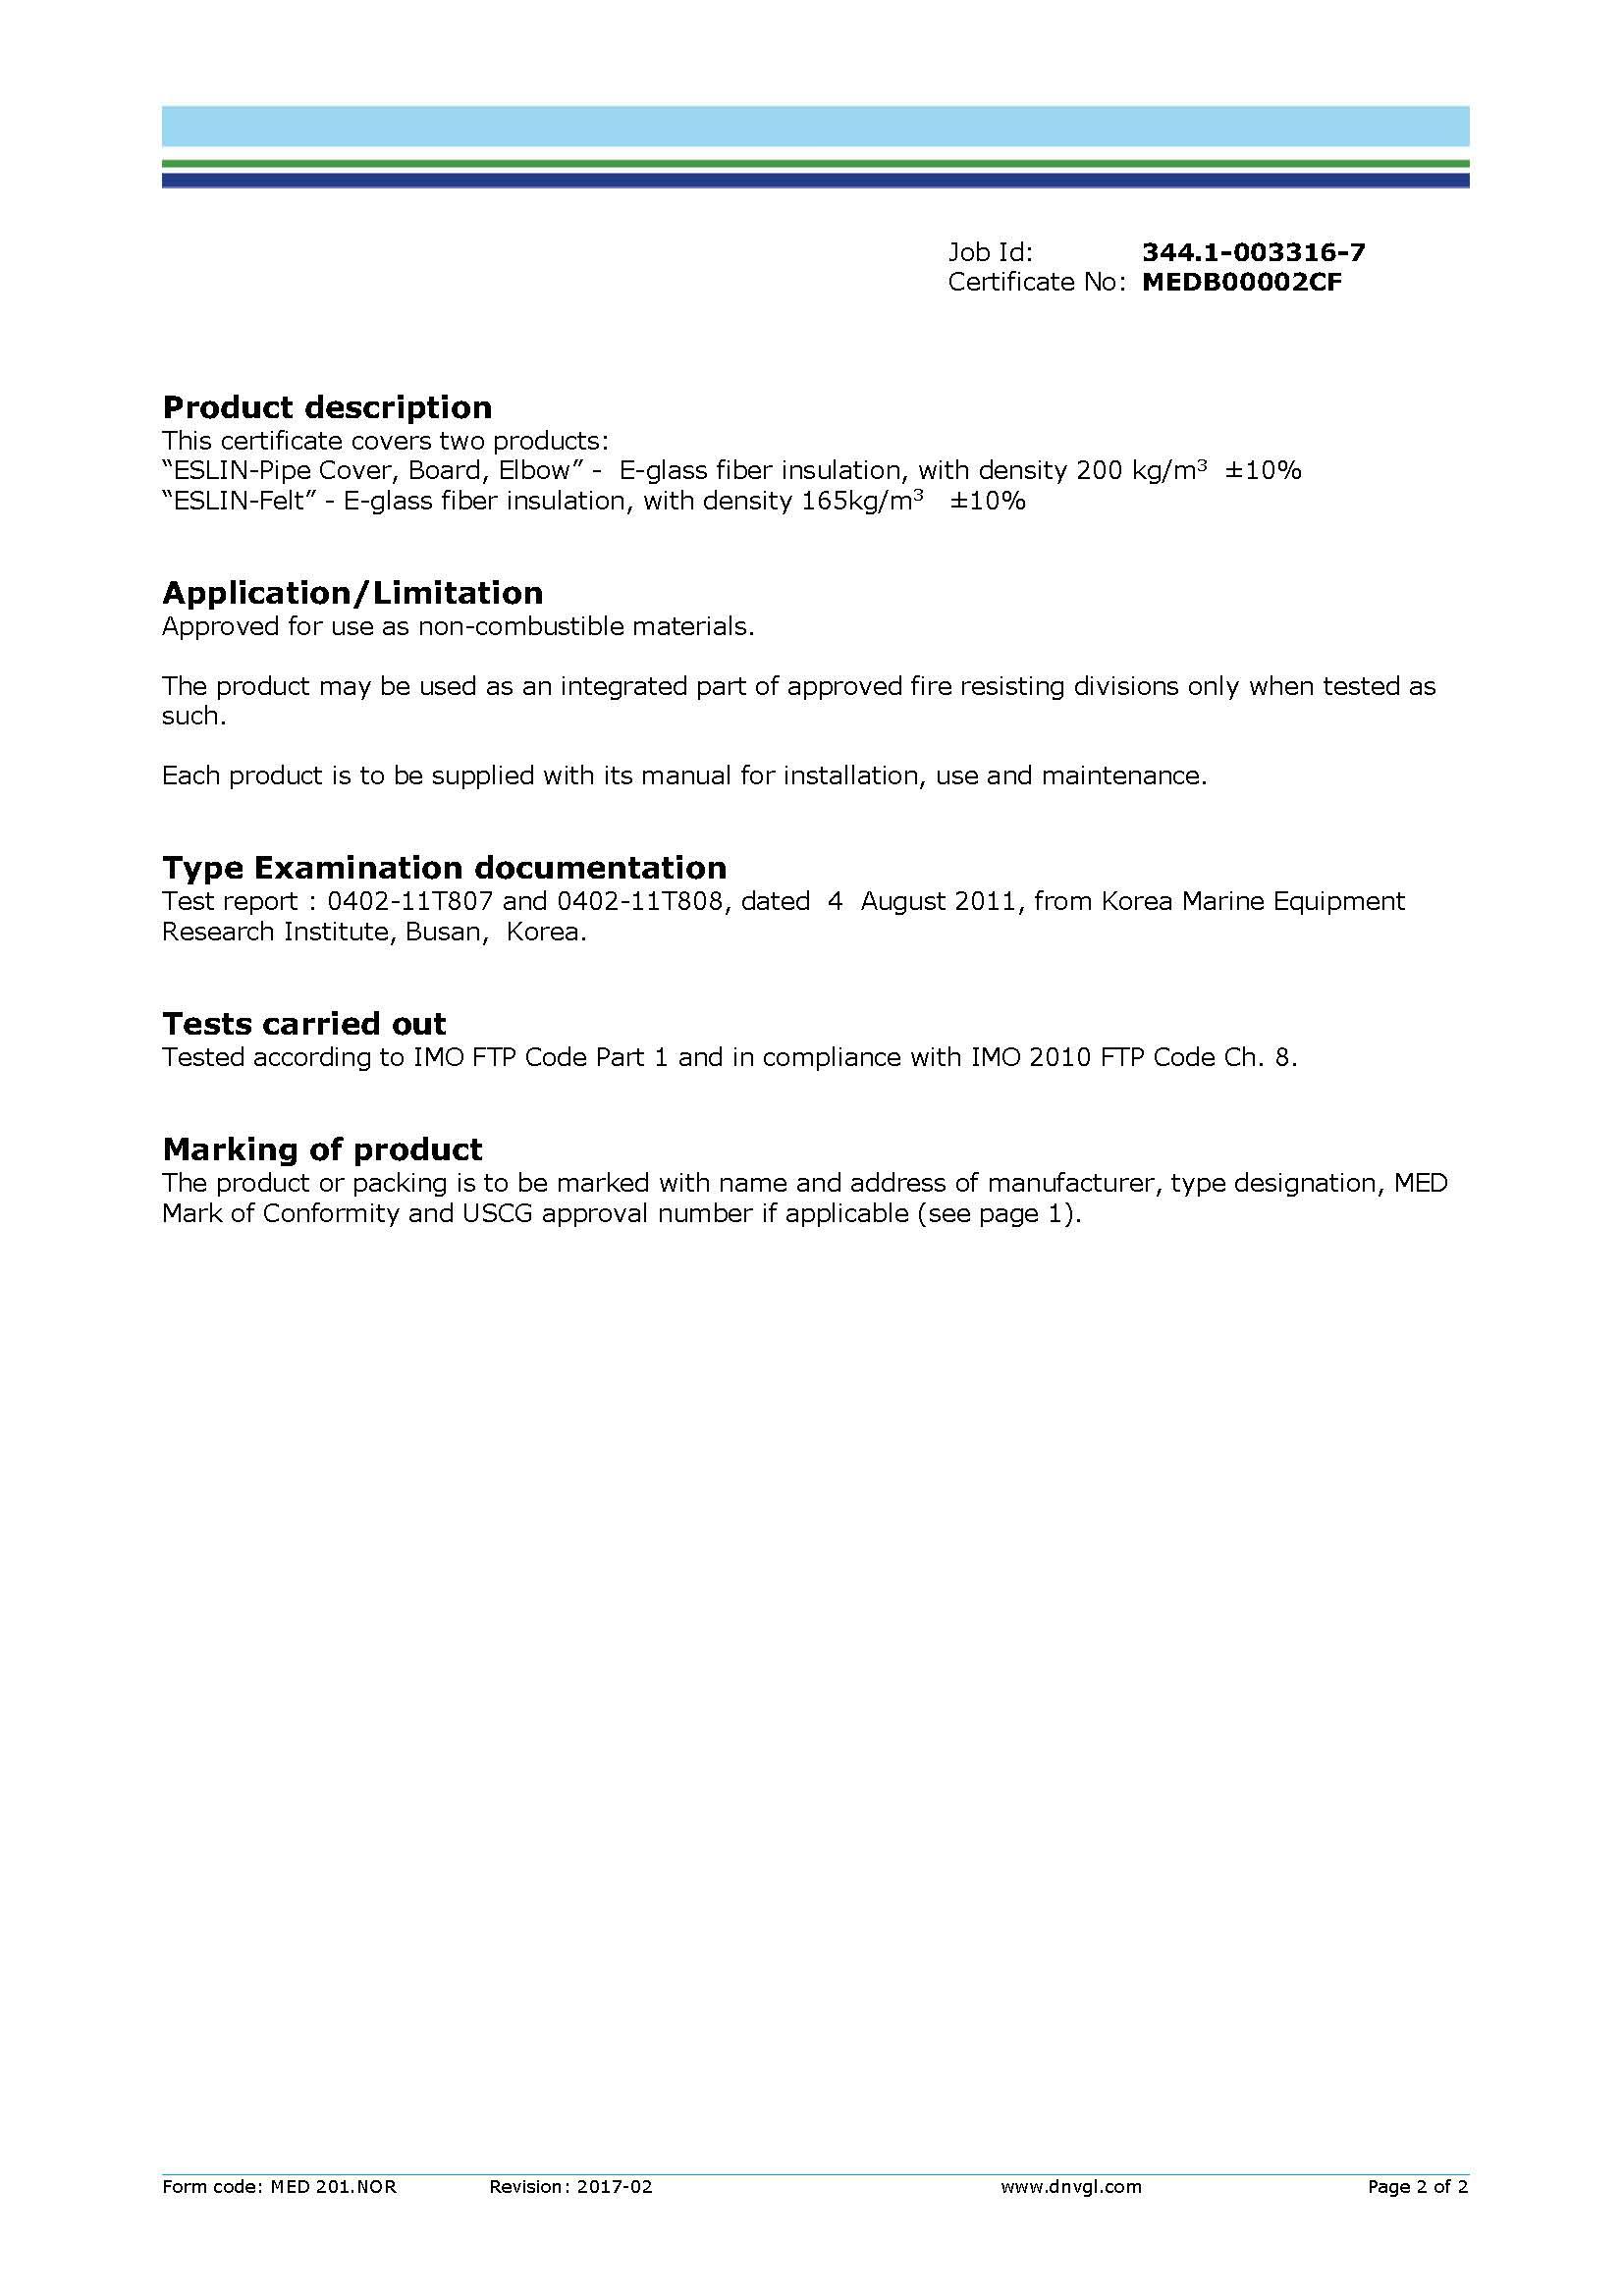 12_ESLIN_DNV_MEDB00002CF_Page_2.jpg